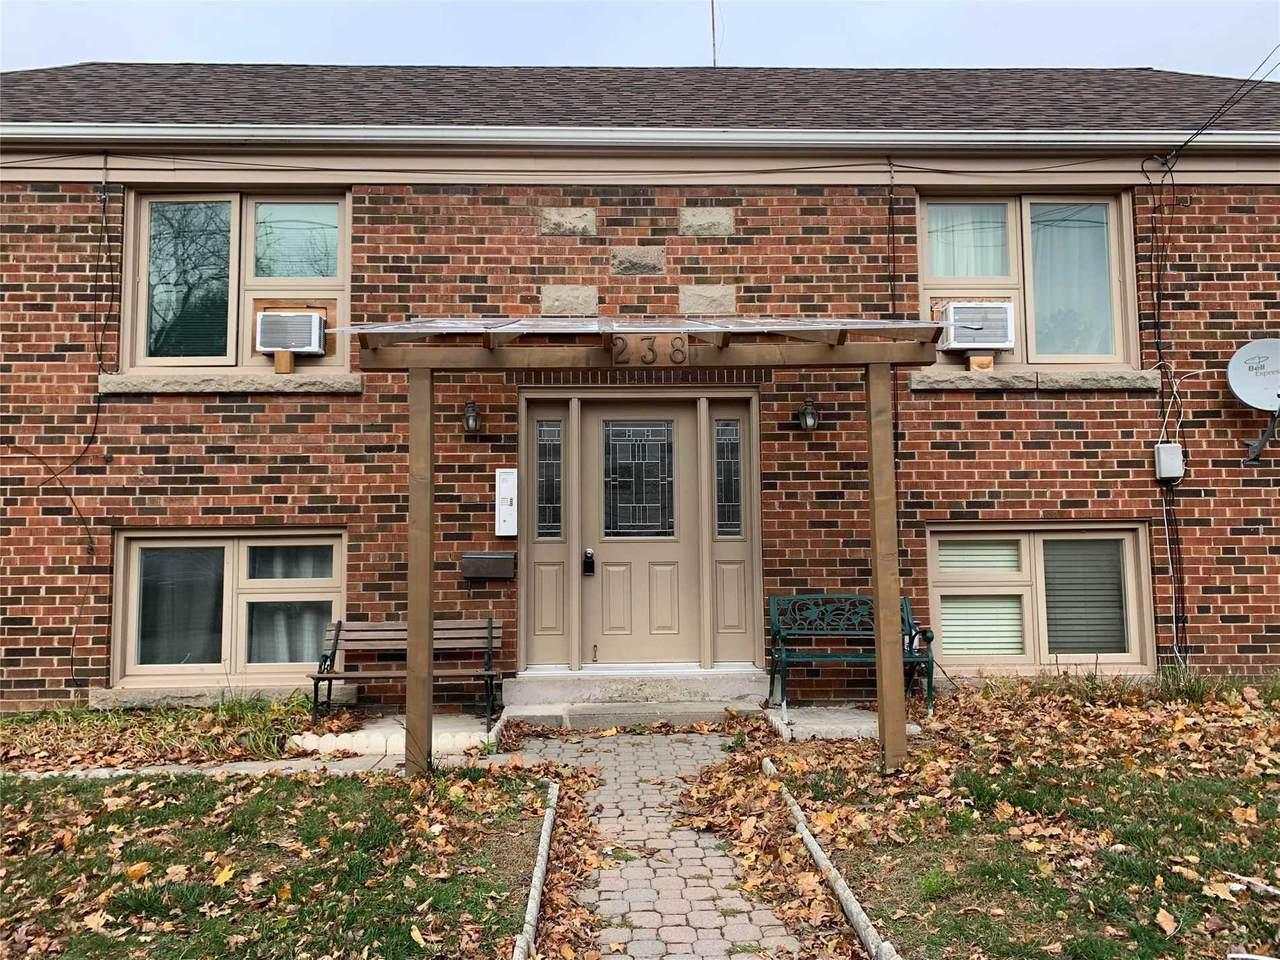 238 Glebemount Ave - Photo 1